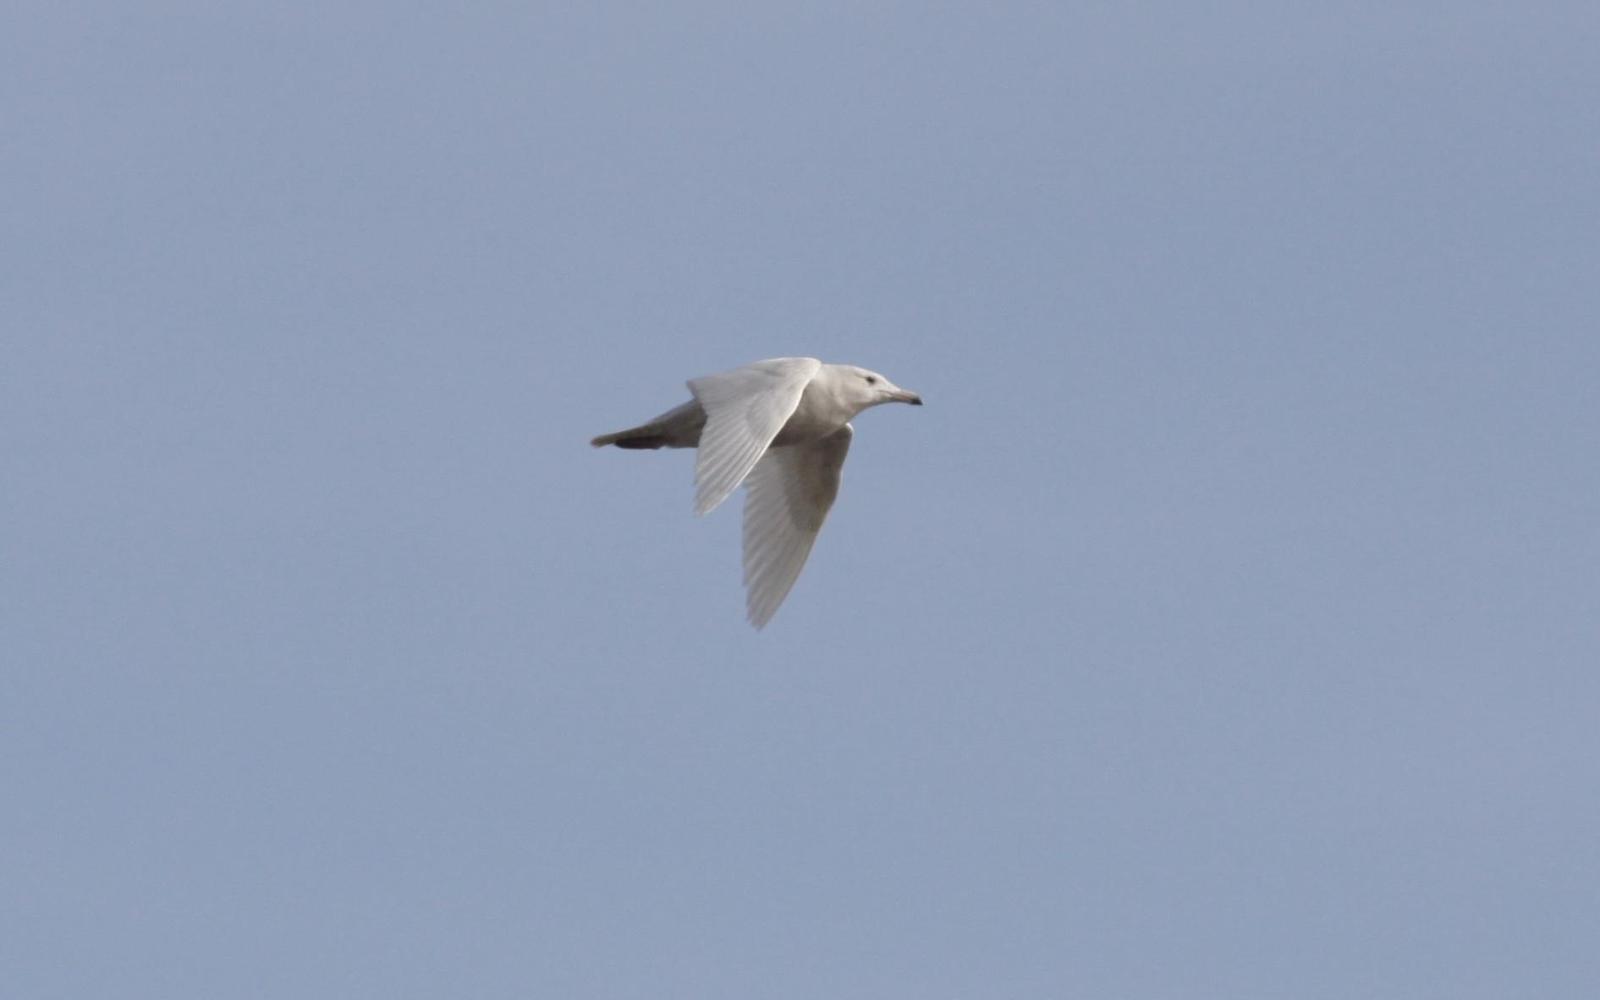 Glaucous Gull Photo by Tim Schreckengost